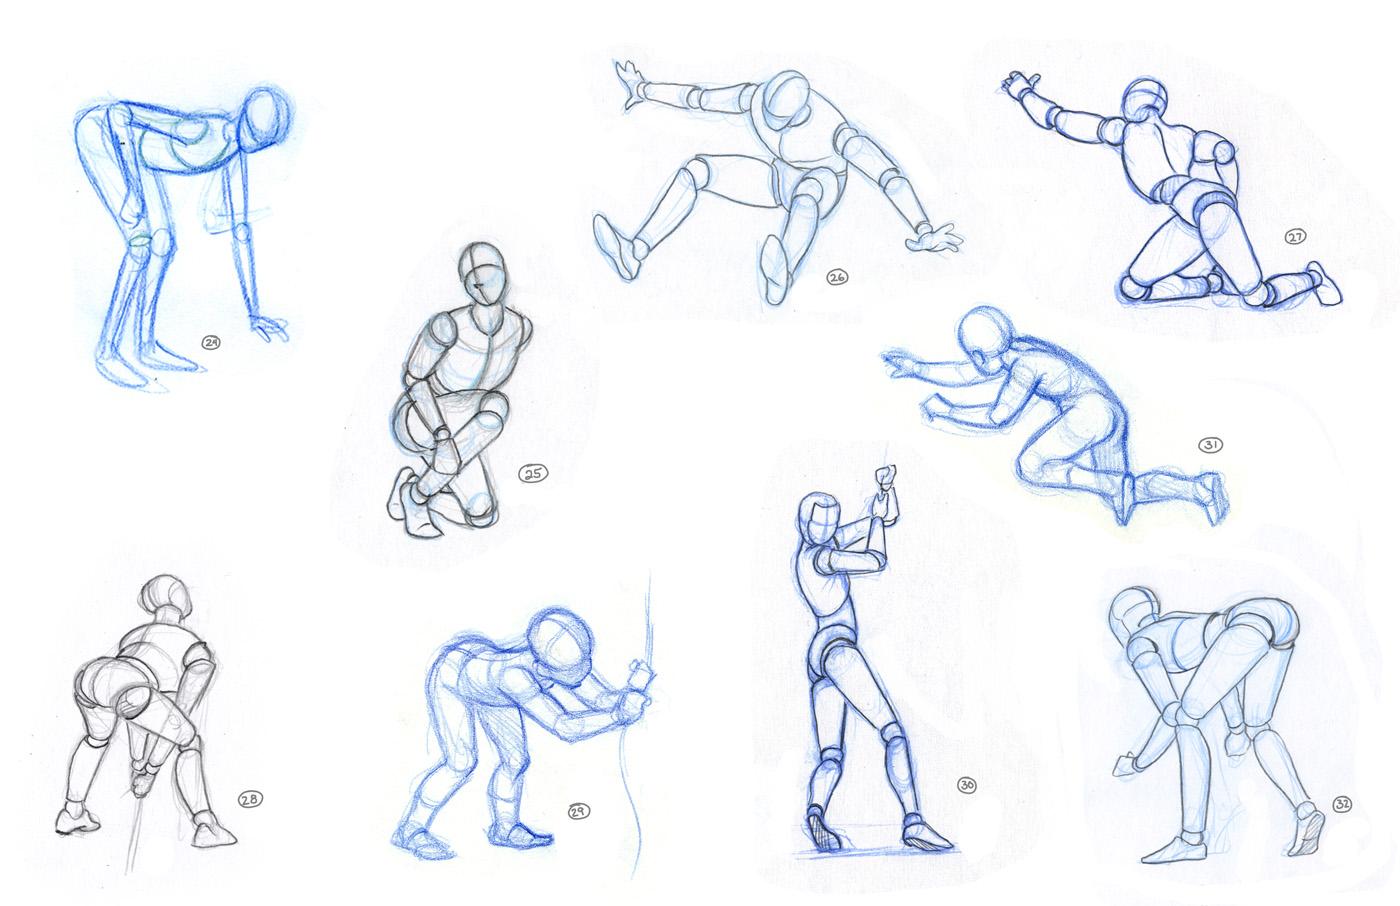 Схема человека в движение рисунки